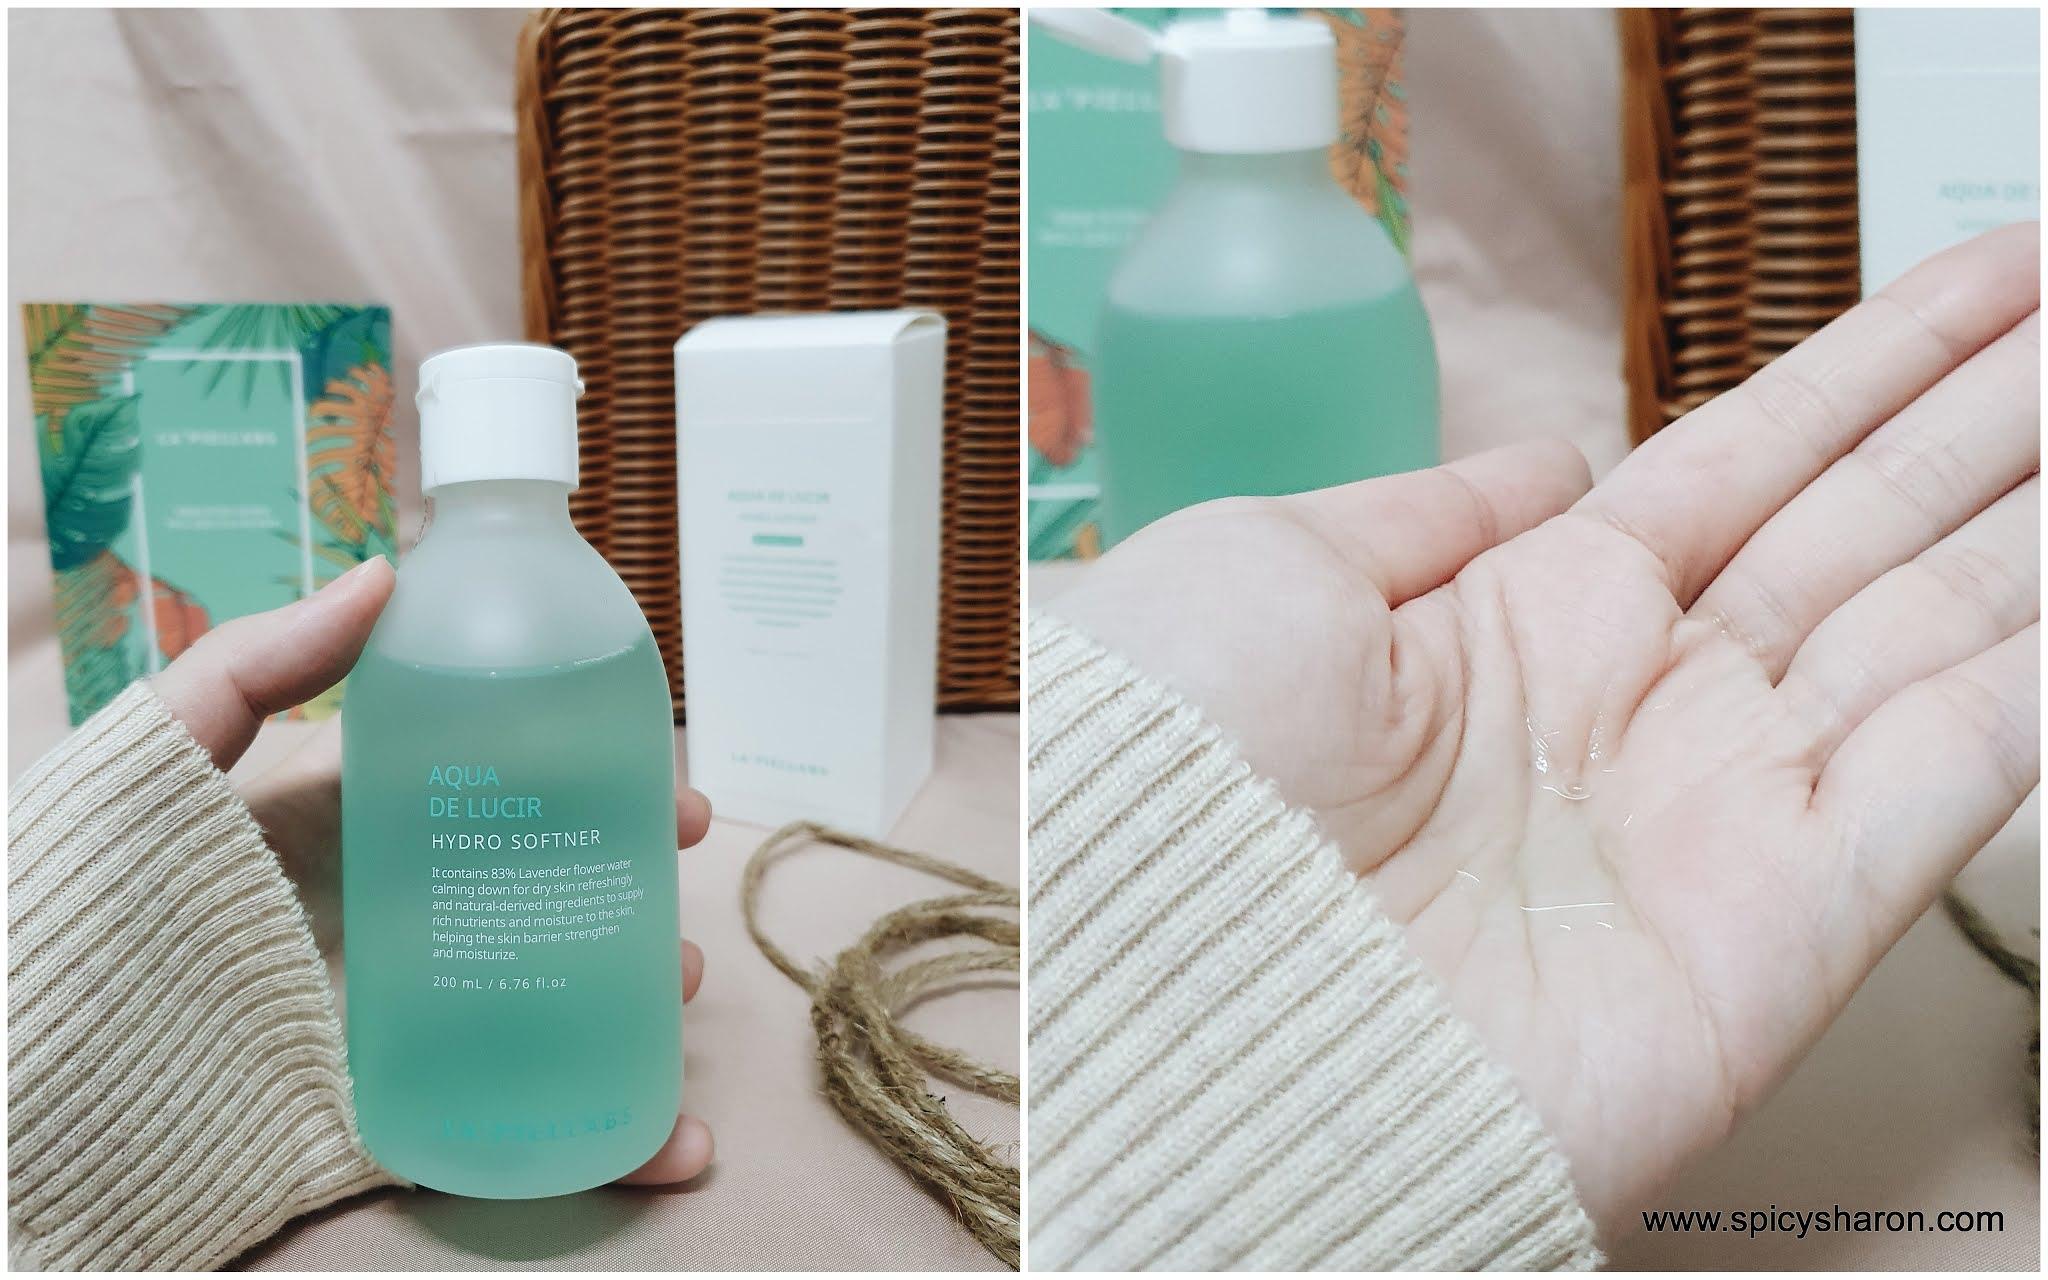 Product Review : La' Piel Labs Aqua De Lucir Hydro Softner & Hydro Expert Gel Cream